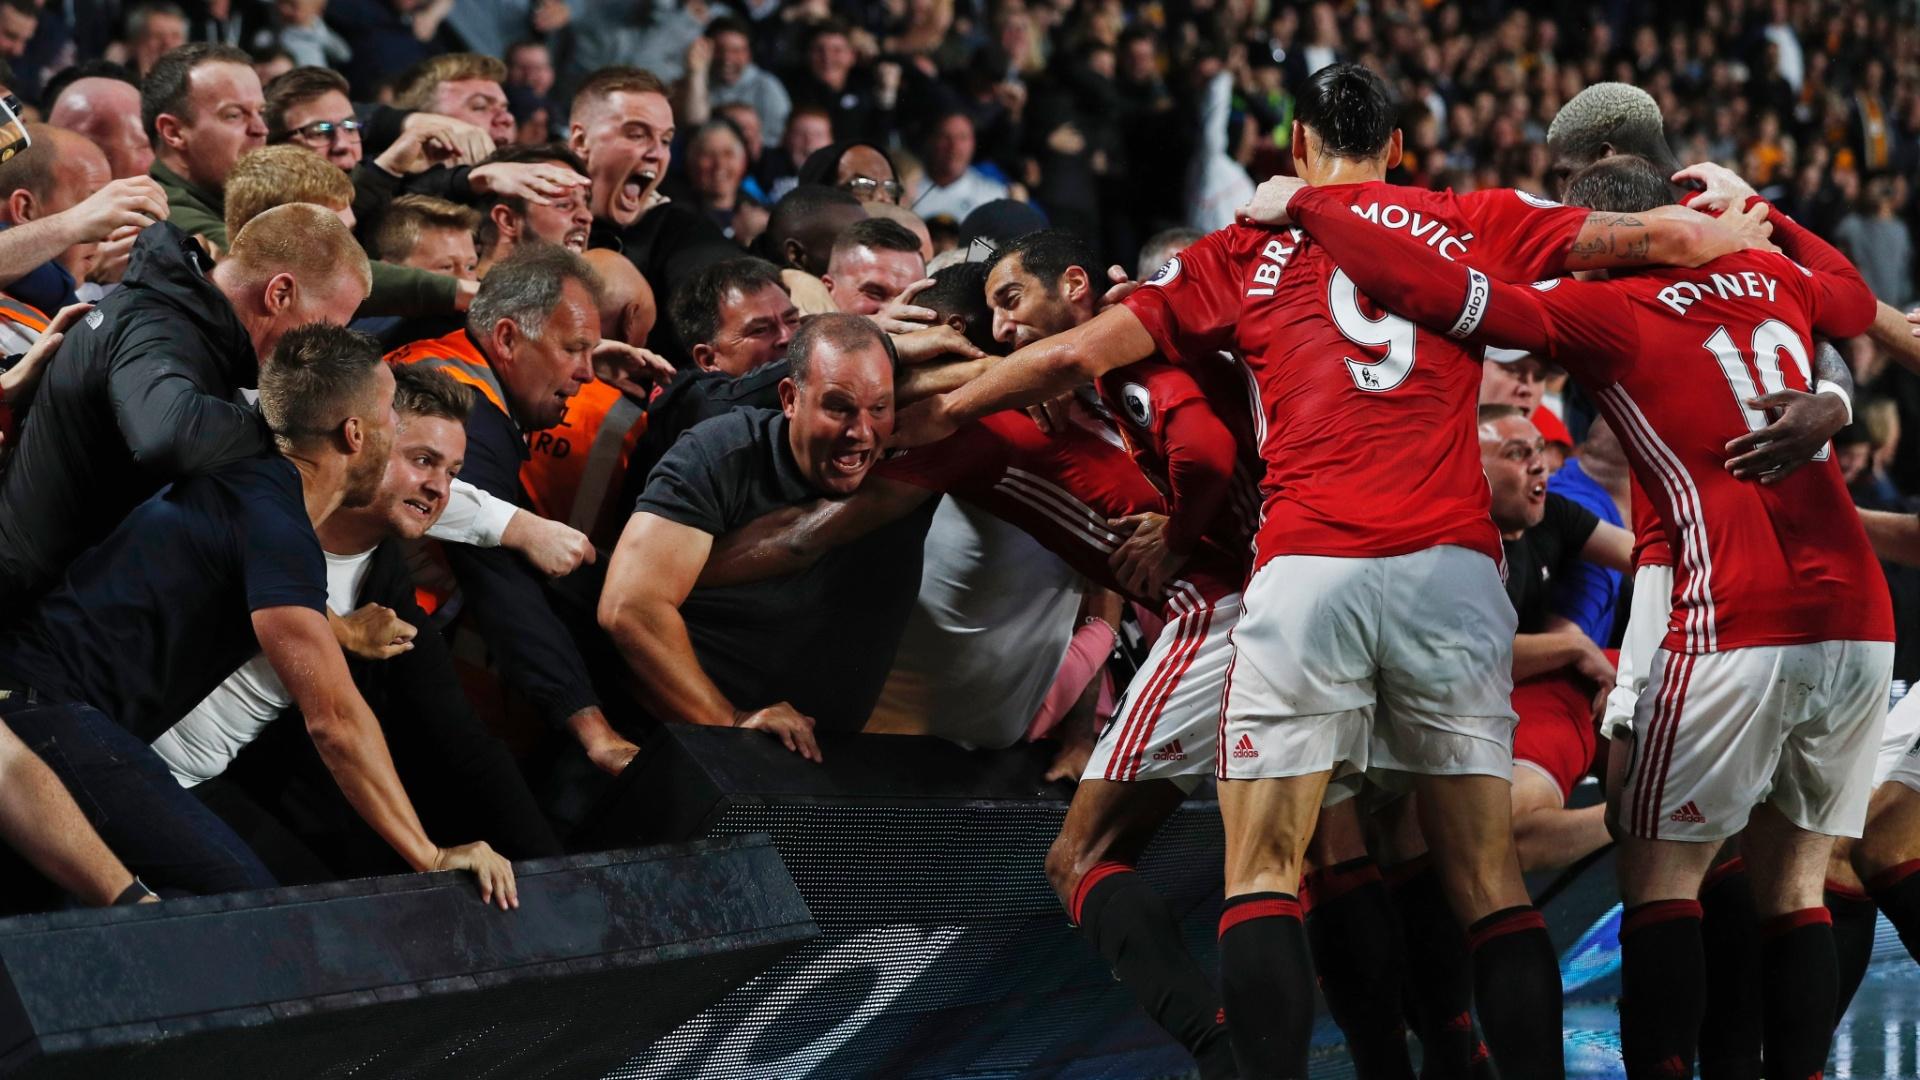 Torcedores e jogadores do Manchester United comemoram gol marcado no último minuto